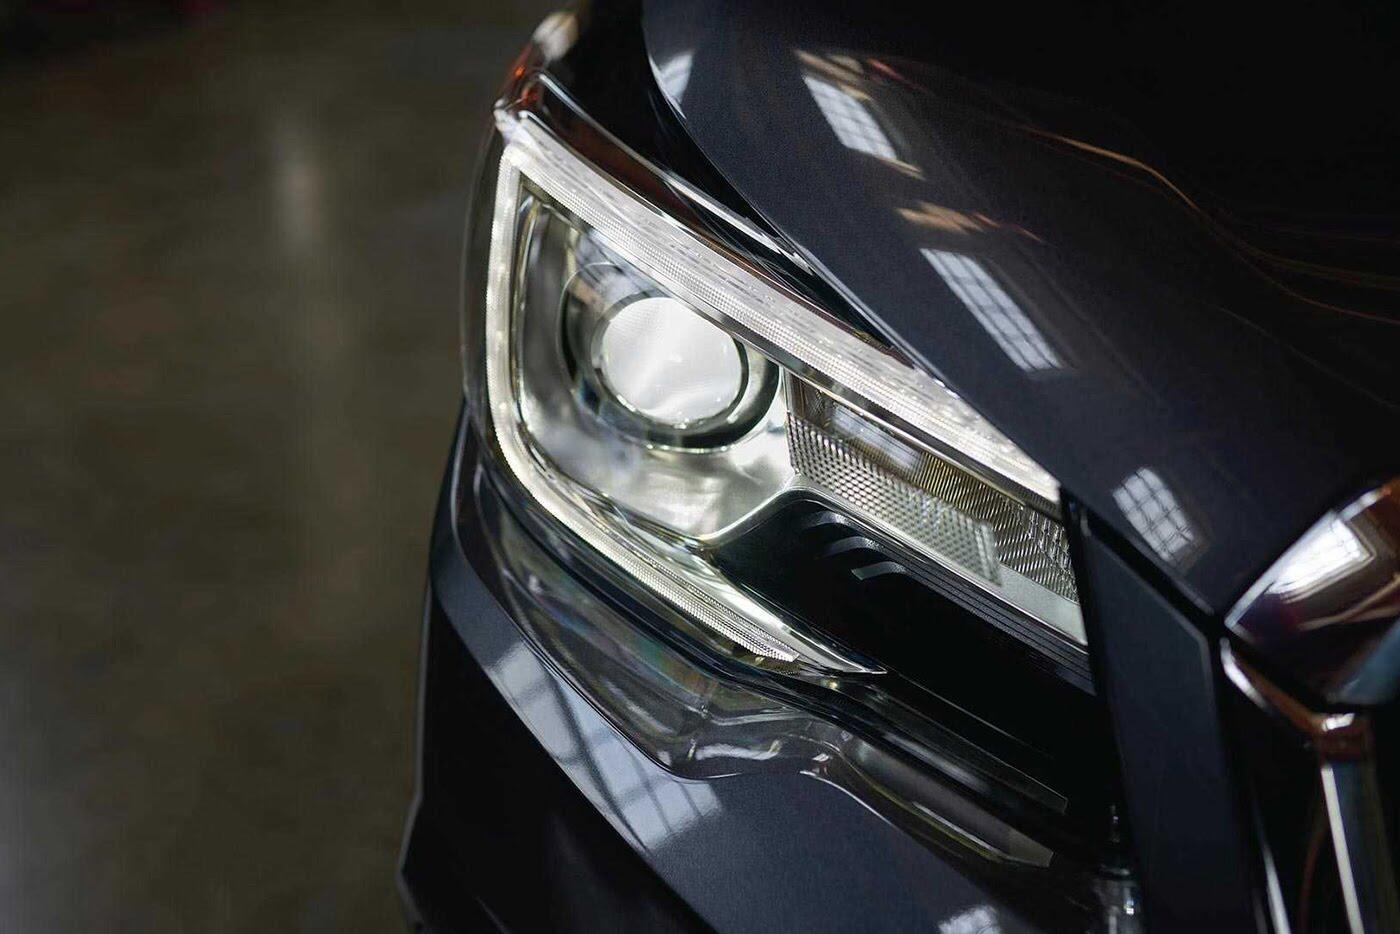 Ra mắt Subaru Forester 2018 phiên bản màu đen đặc biệt - Hình 2